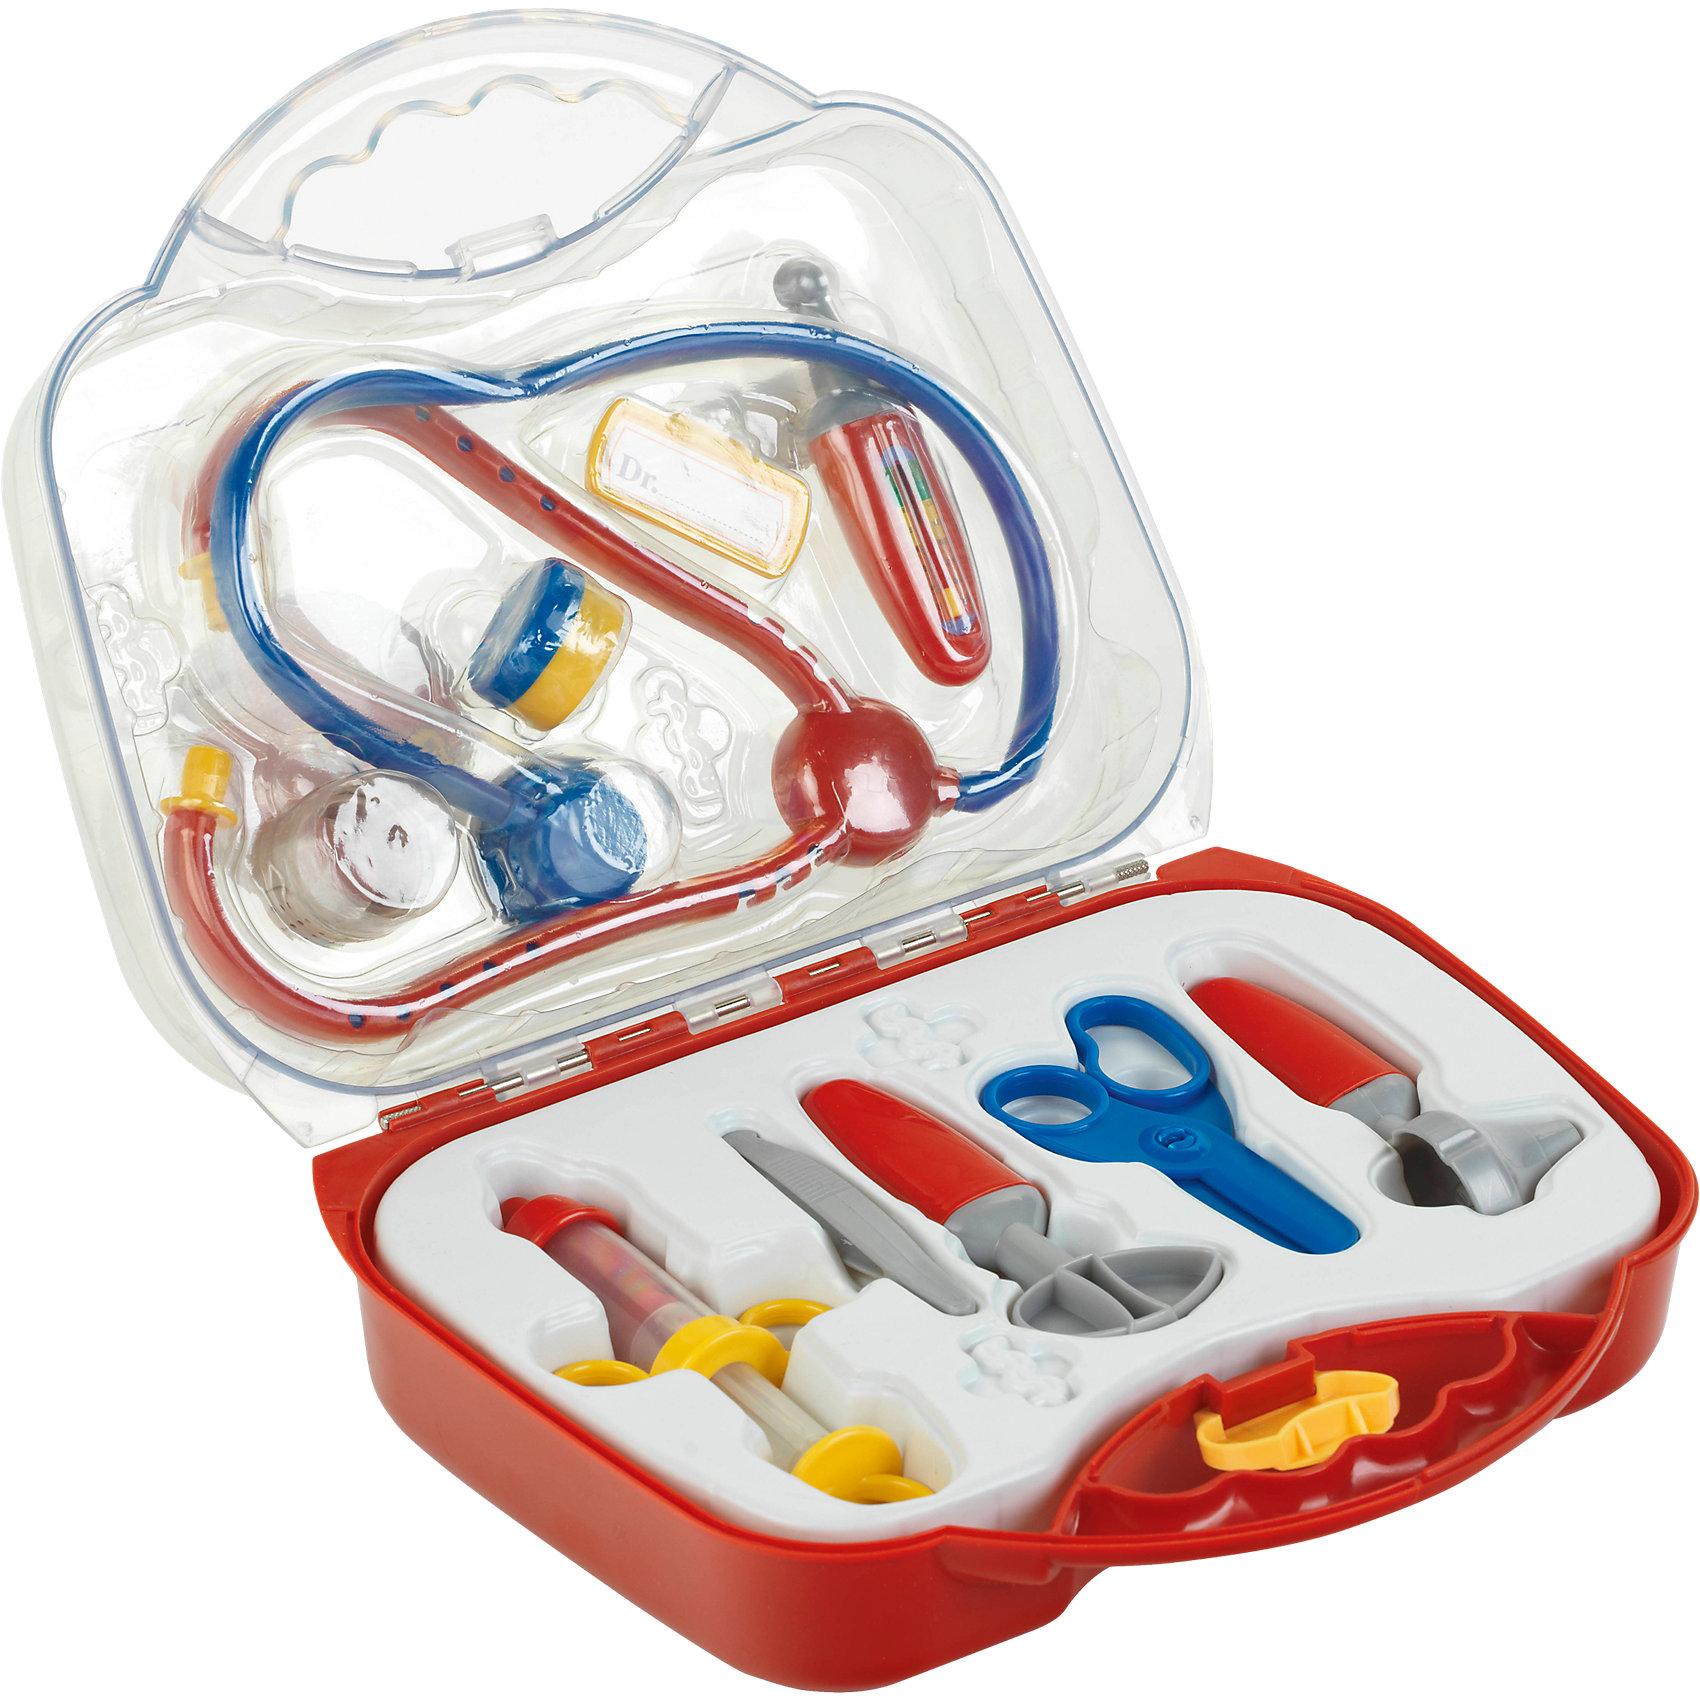 Набор доктора, KleinНабор доктора Klein(Кляйн) поможет ребенку почувствовать себя настоящим профессиональным врачом. Все инструменты аккуратно сложены в пластиковом кейсе с прозрачной крышкой. Набор доктора - отличный повод для игр всей семьей!<br><br>Дополнительная информация:<br>В комплекте: стетоскоп, градусник, молоточек, инструмент отоларинголога, пластырь, шприц, бейджик, баночка для лекарства, ножницы, пинцет<br>Размер: 27х10х24 см<br>Вес: 200 грамм<br><br>Вы можете приобрести набор доктора Klein9Кляйн) в нашем интернет-магазине.<br><br>Ширина мм: 278<br>Глубина мм: 231<br>Высота мм: 96<br>Вес г: 558<br>Возраст от месяцев: 36<br>Возраст до месяцев: 72<br>Пол: Женский<br>Возраст: Детский<br>SKU: 2271772